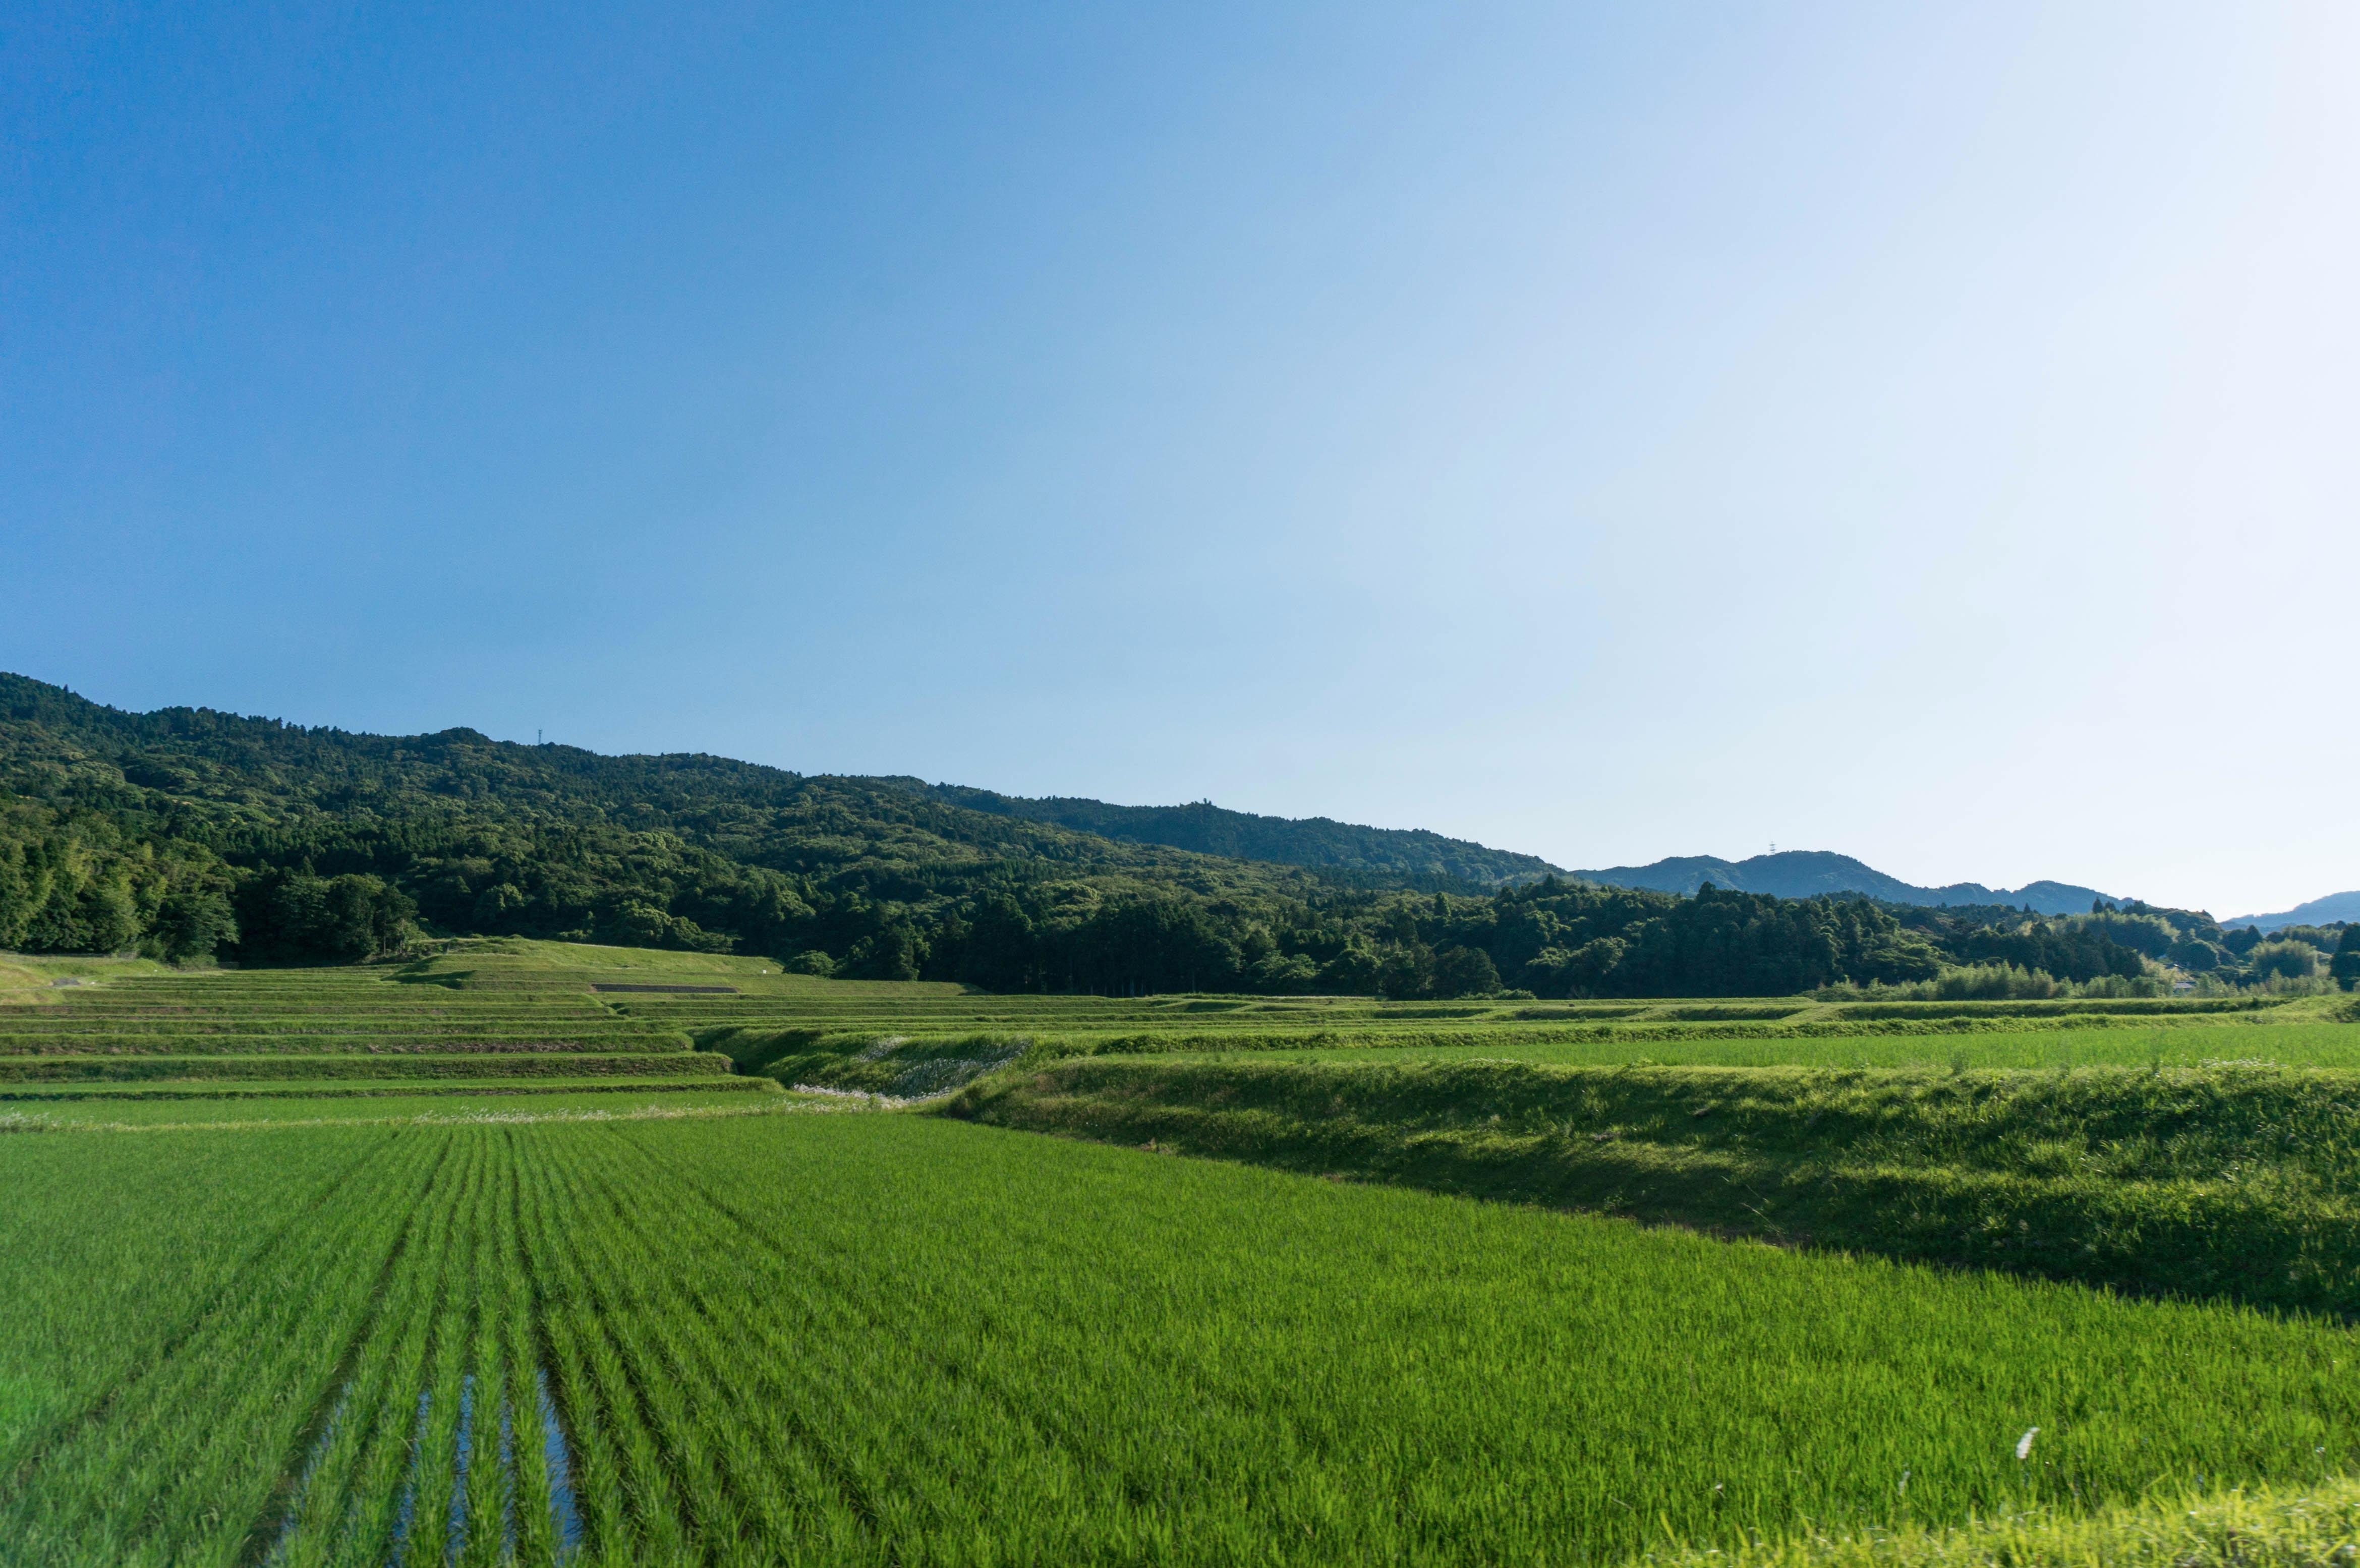 青空と棚田の田んぼと里山